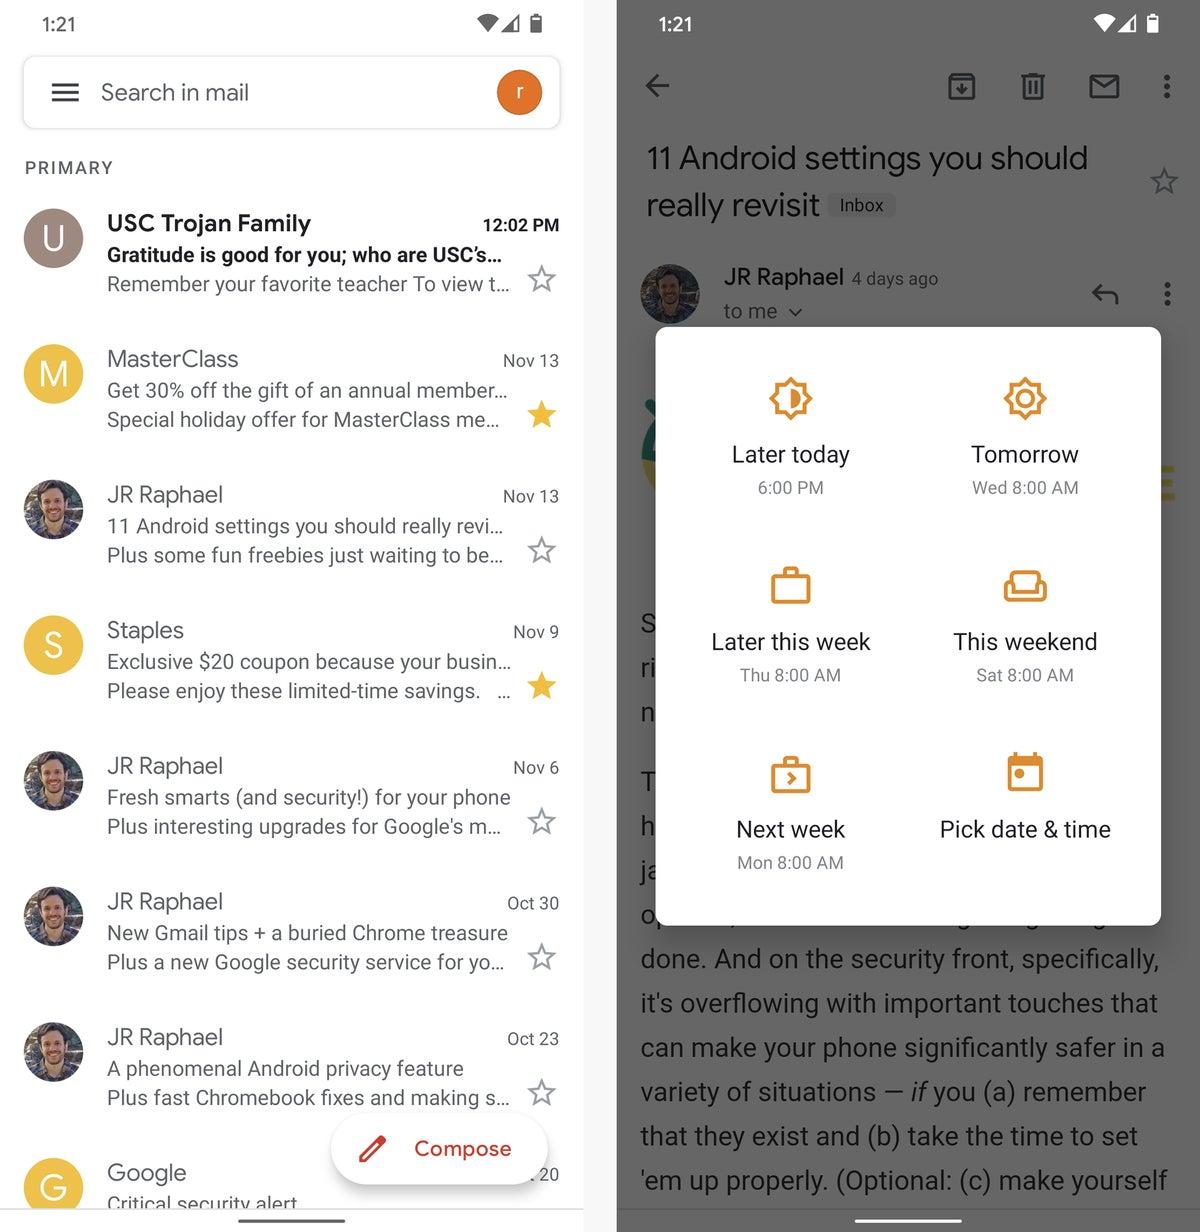 aplicaciones de mensajes de texto de correo electrónico android gmail